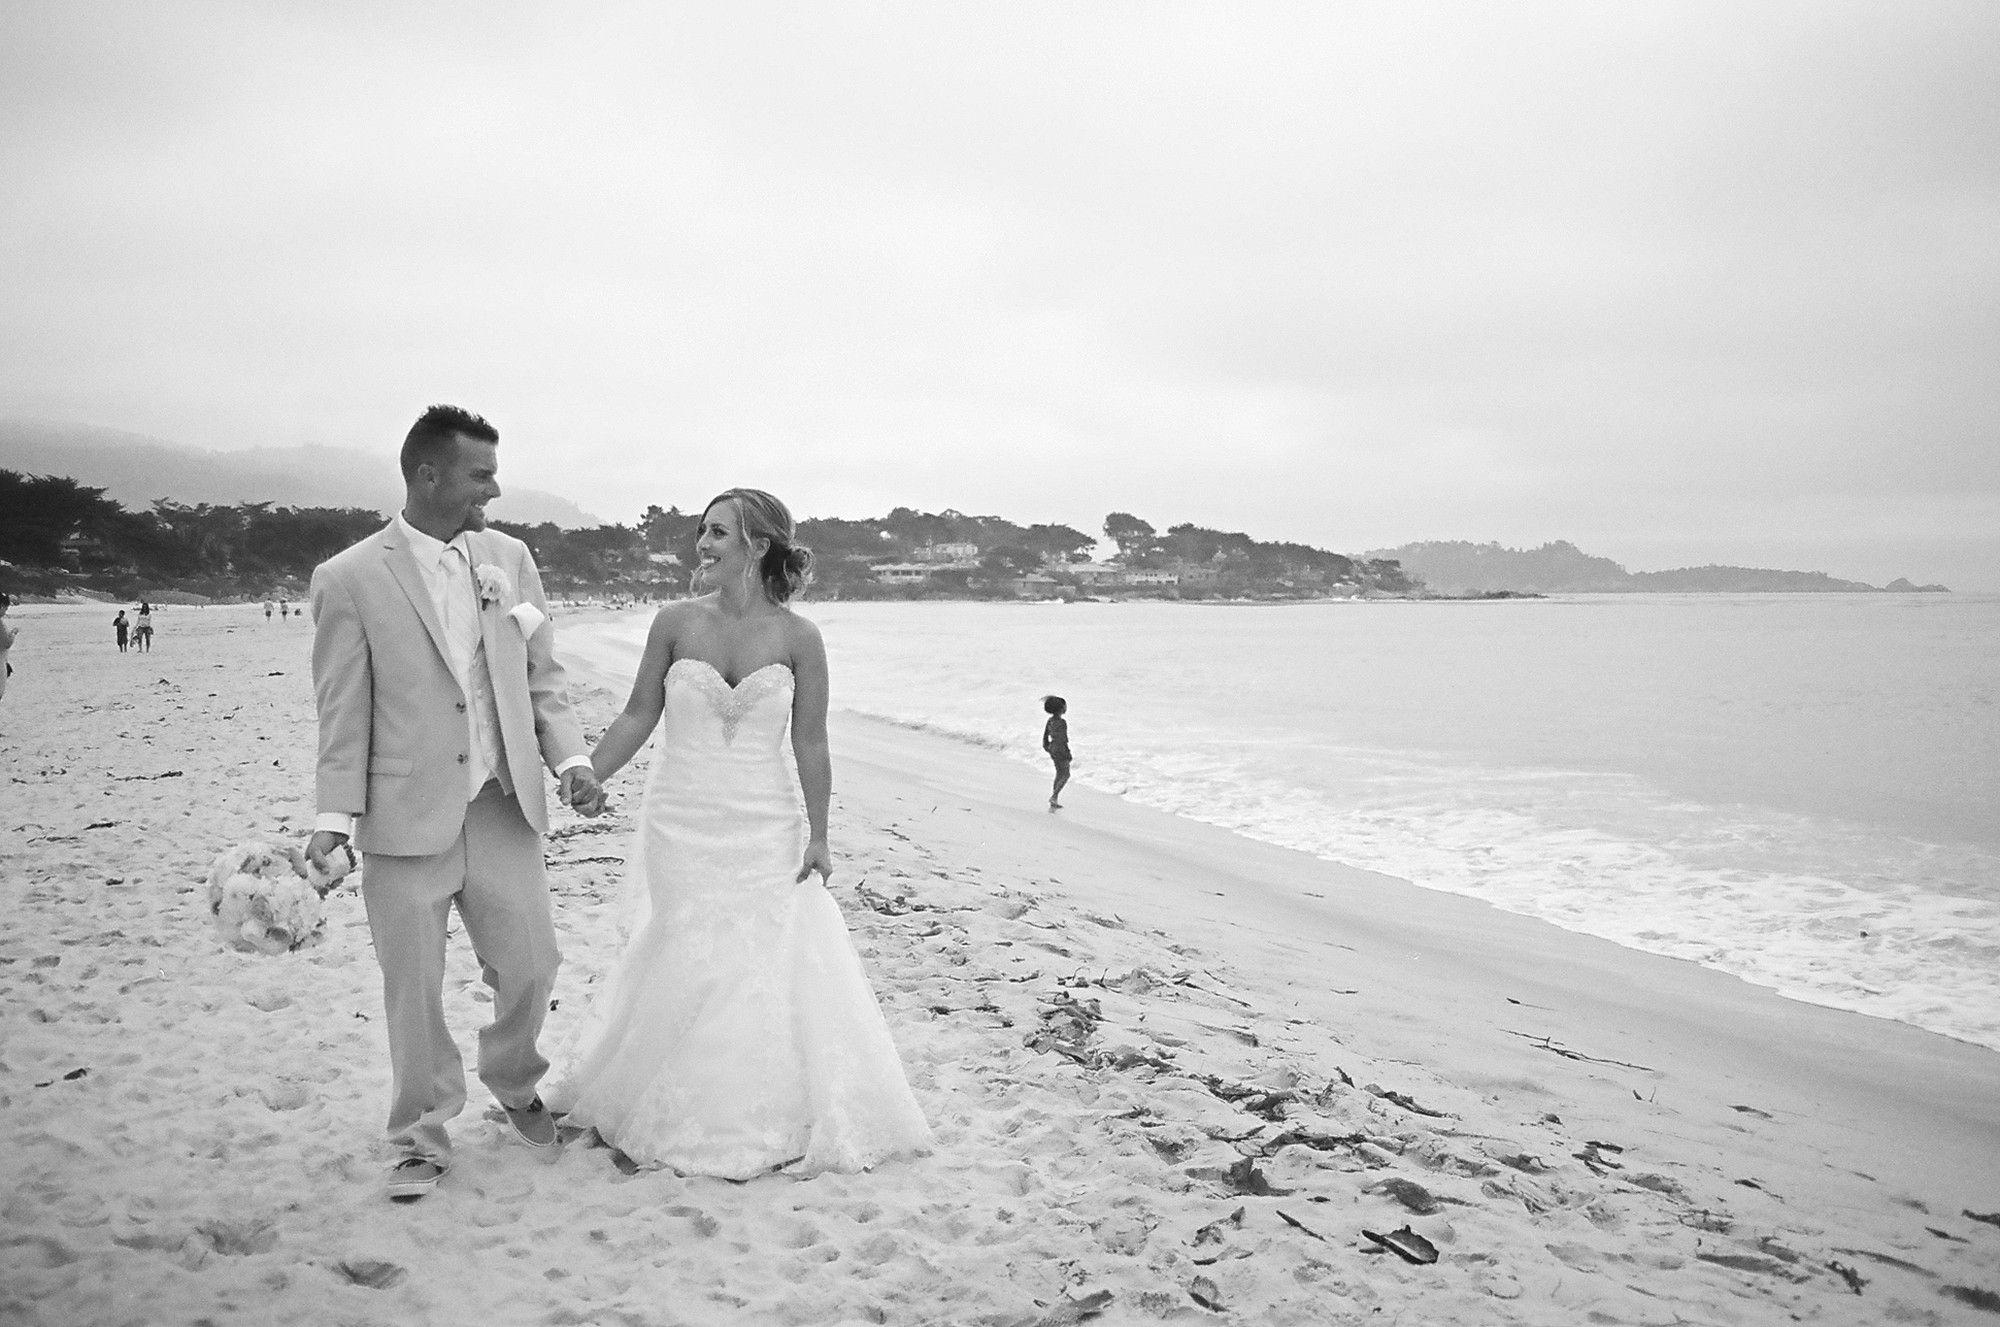 A Beach Wedding at Carmel Beach in Carmel-by-the-Sea, California